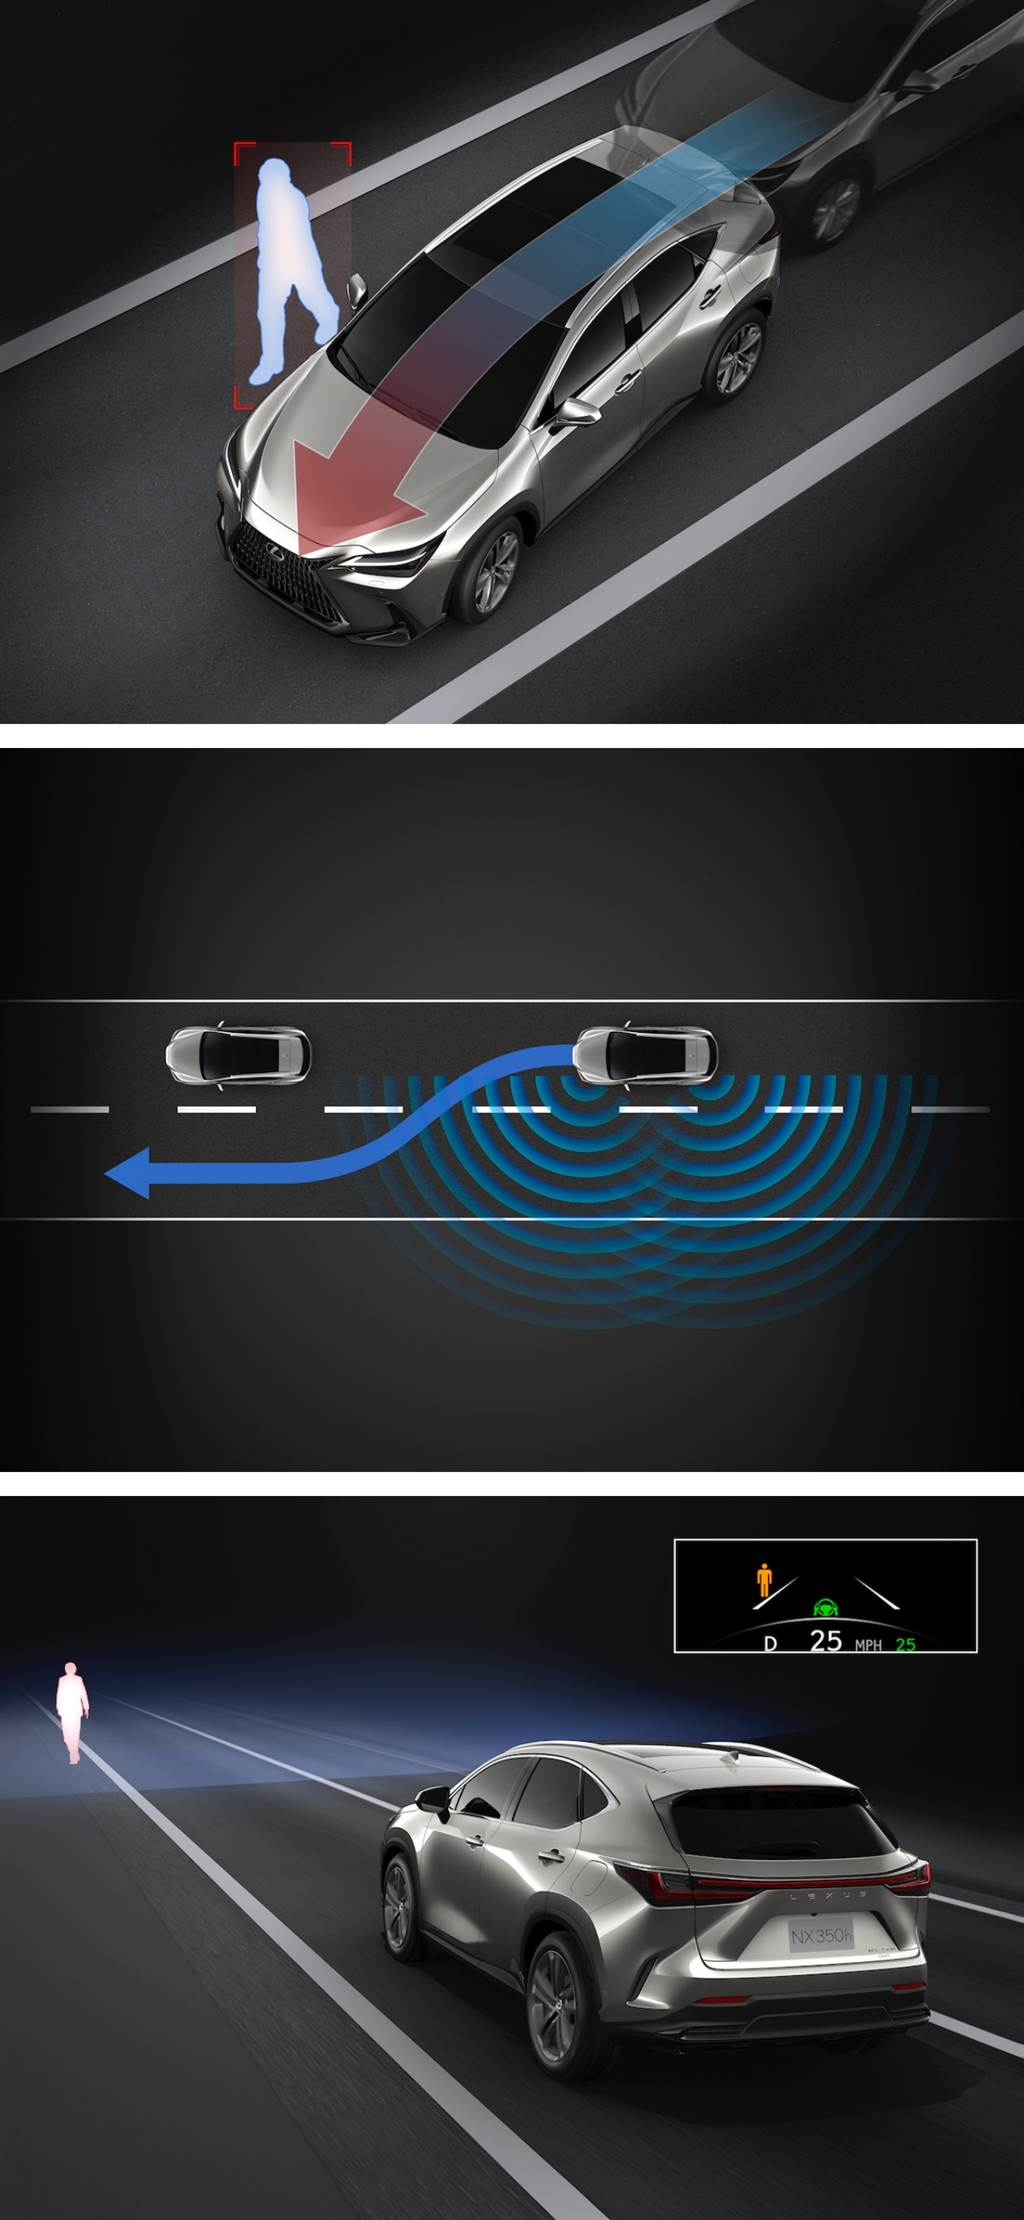 開啟品牌嶄新篇章,Lexus NX 第二世代導入多種新能源配置與先進座艙全球首發!